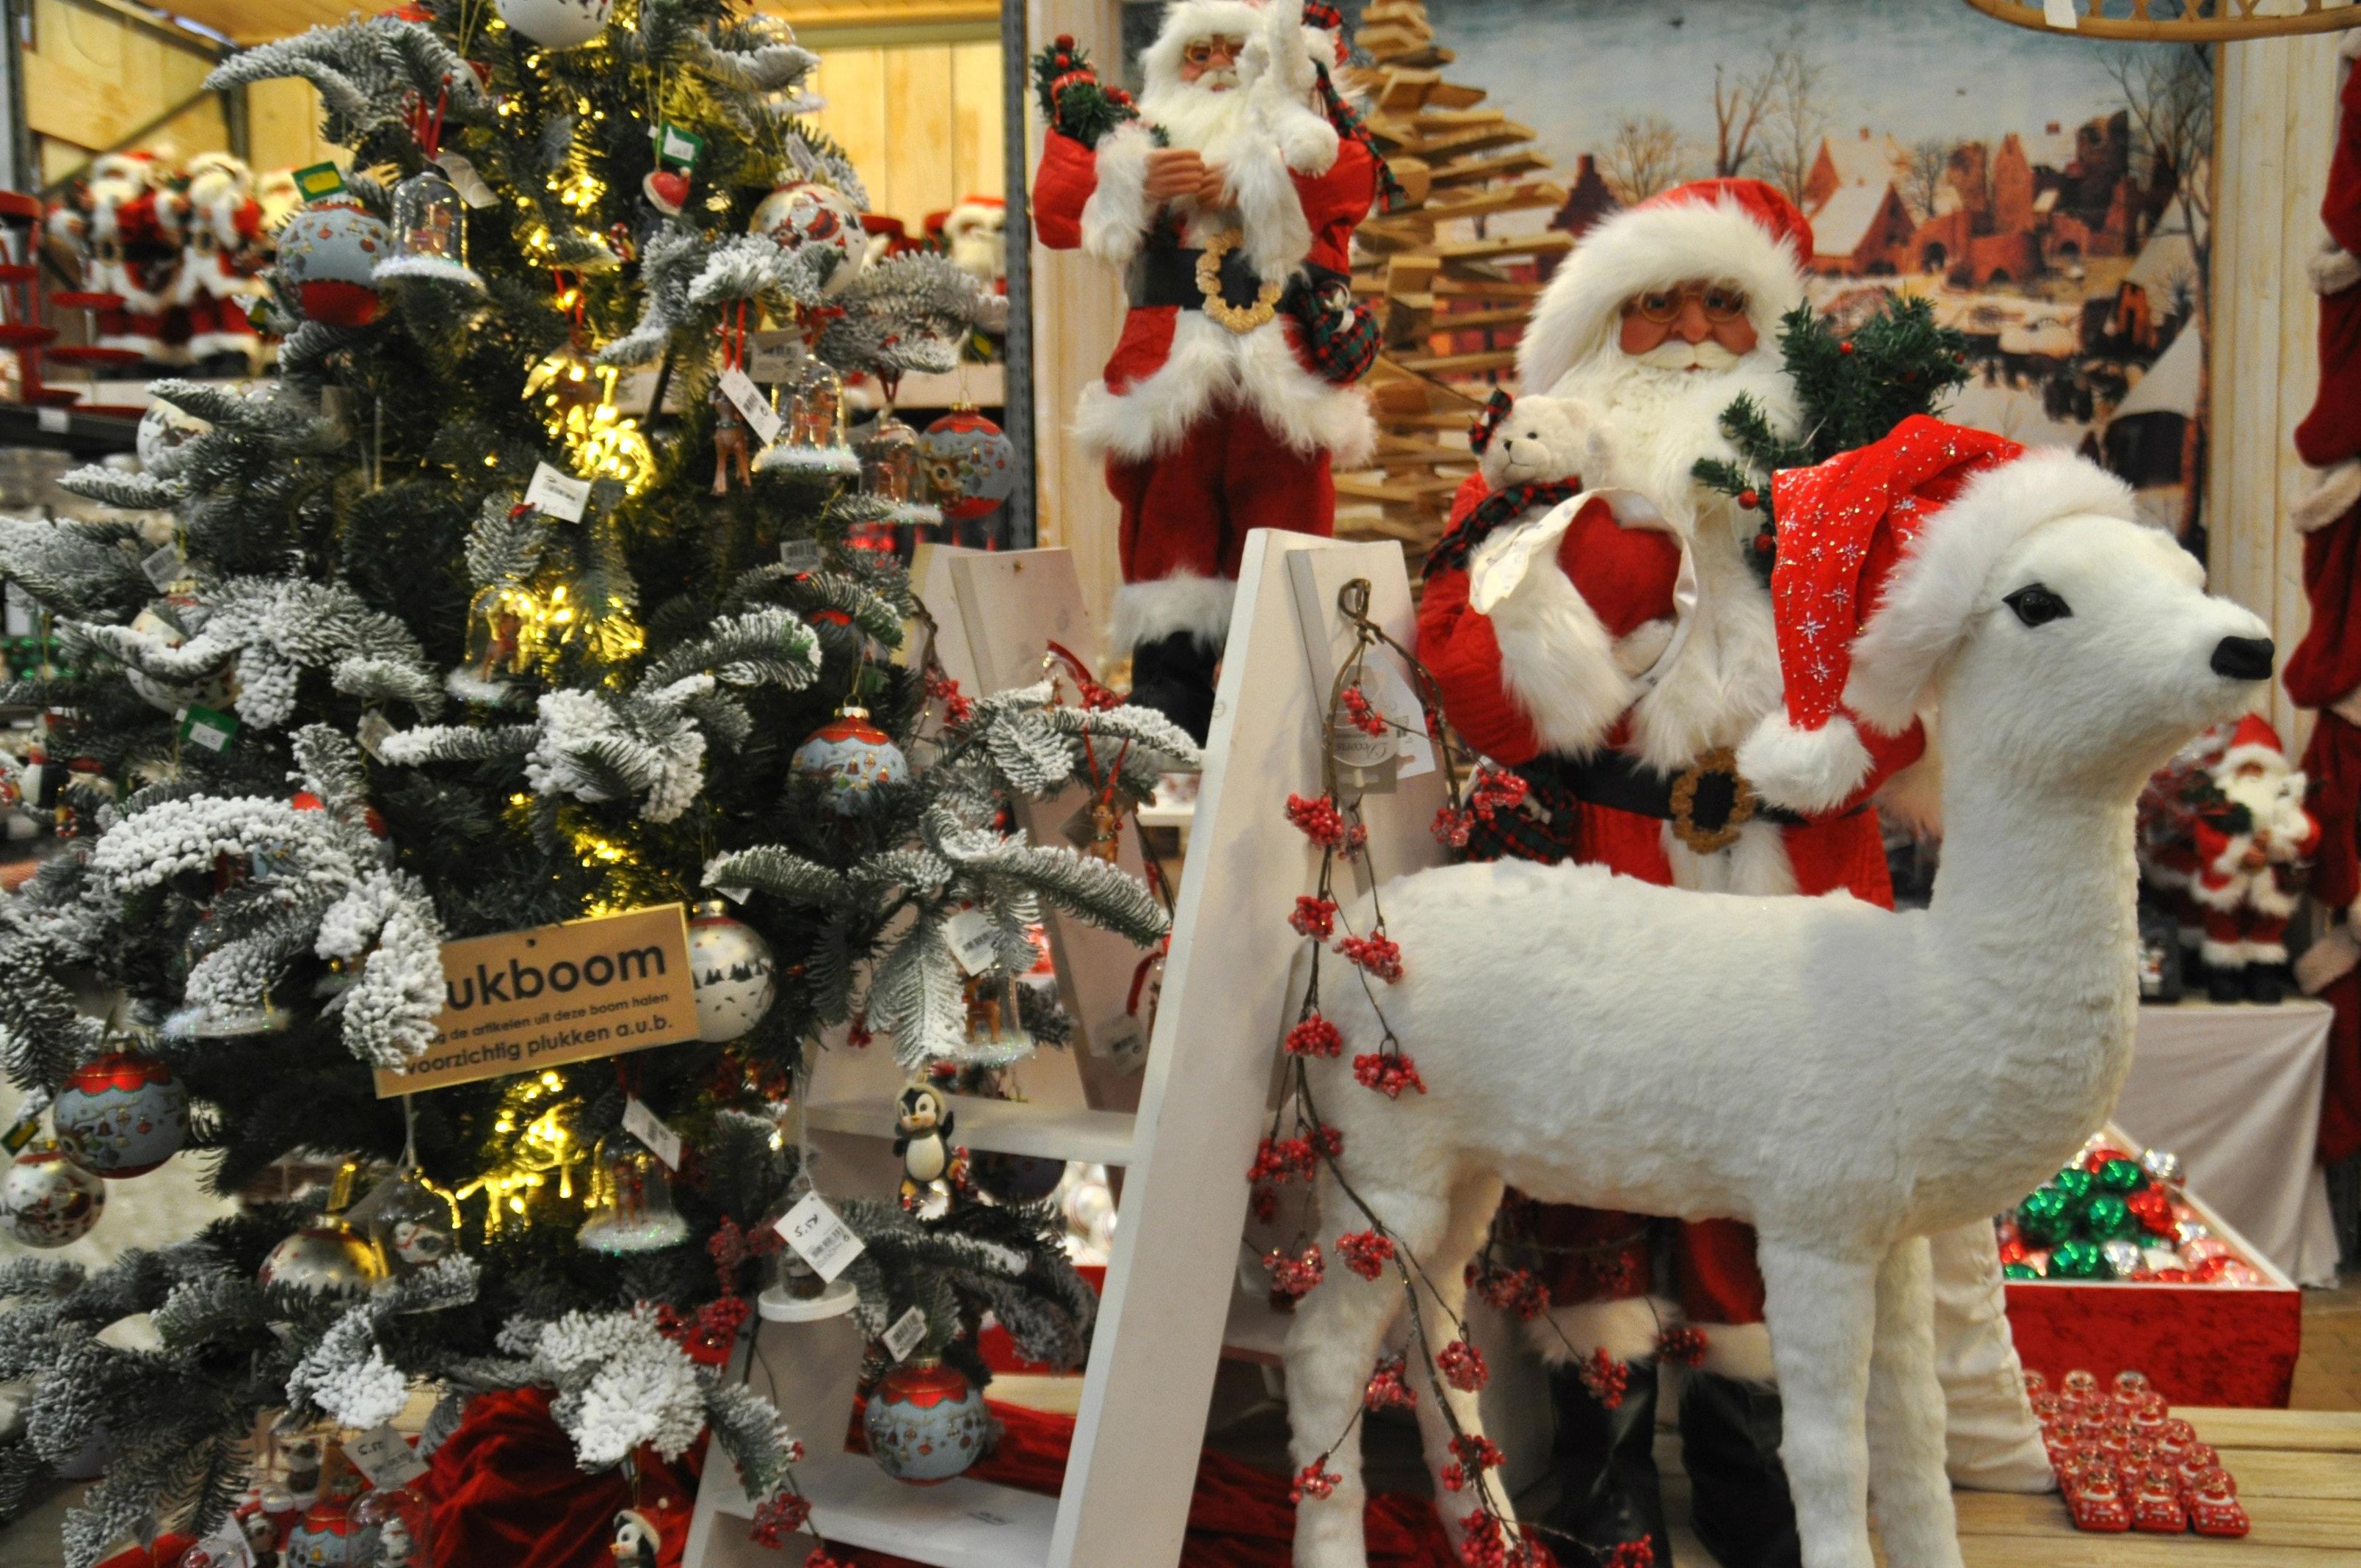 nostalgische kerstversiering tuincentrum osdorp kerst 2015